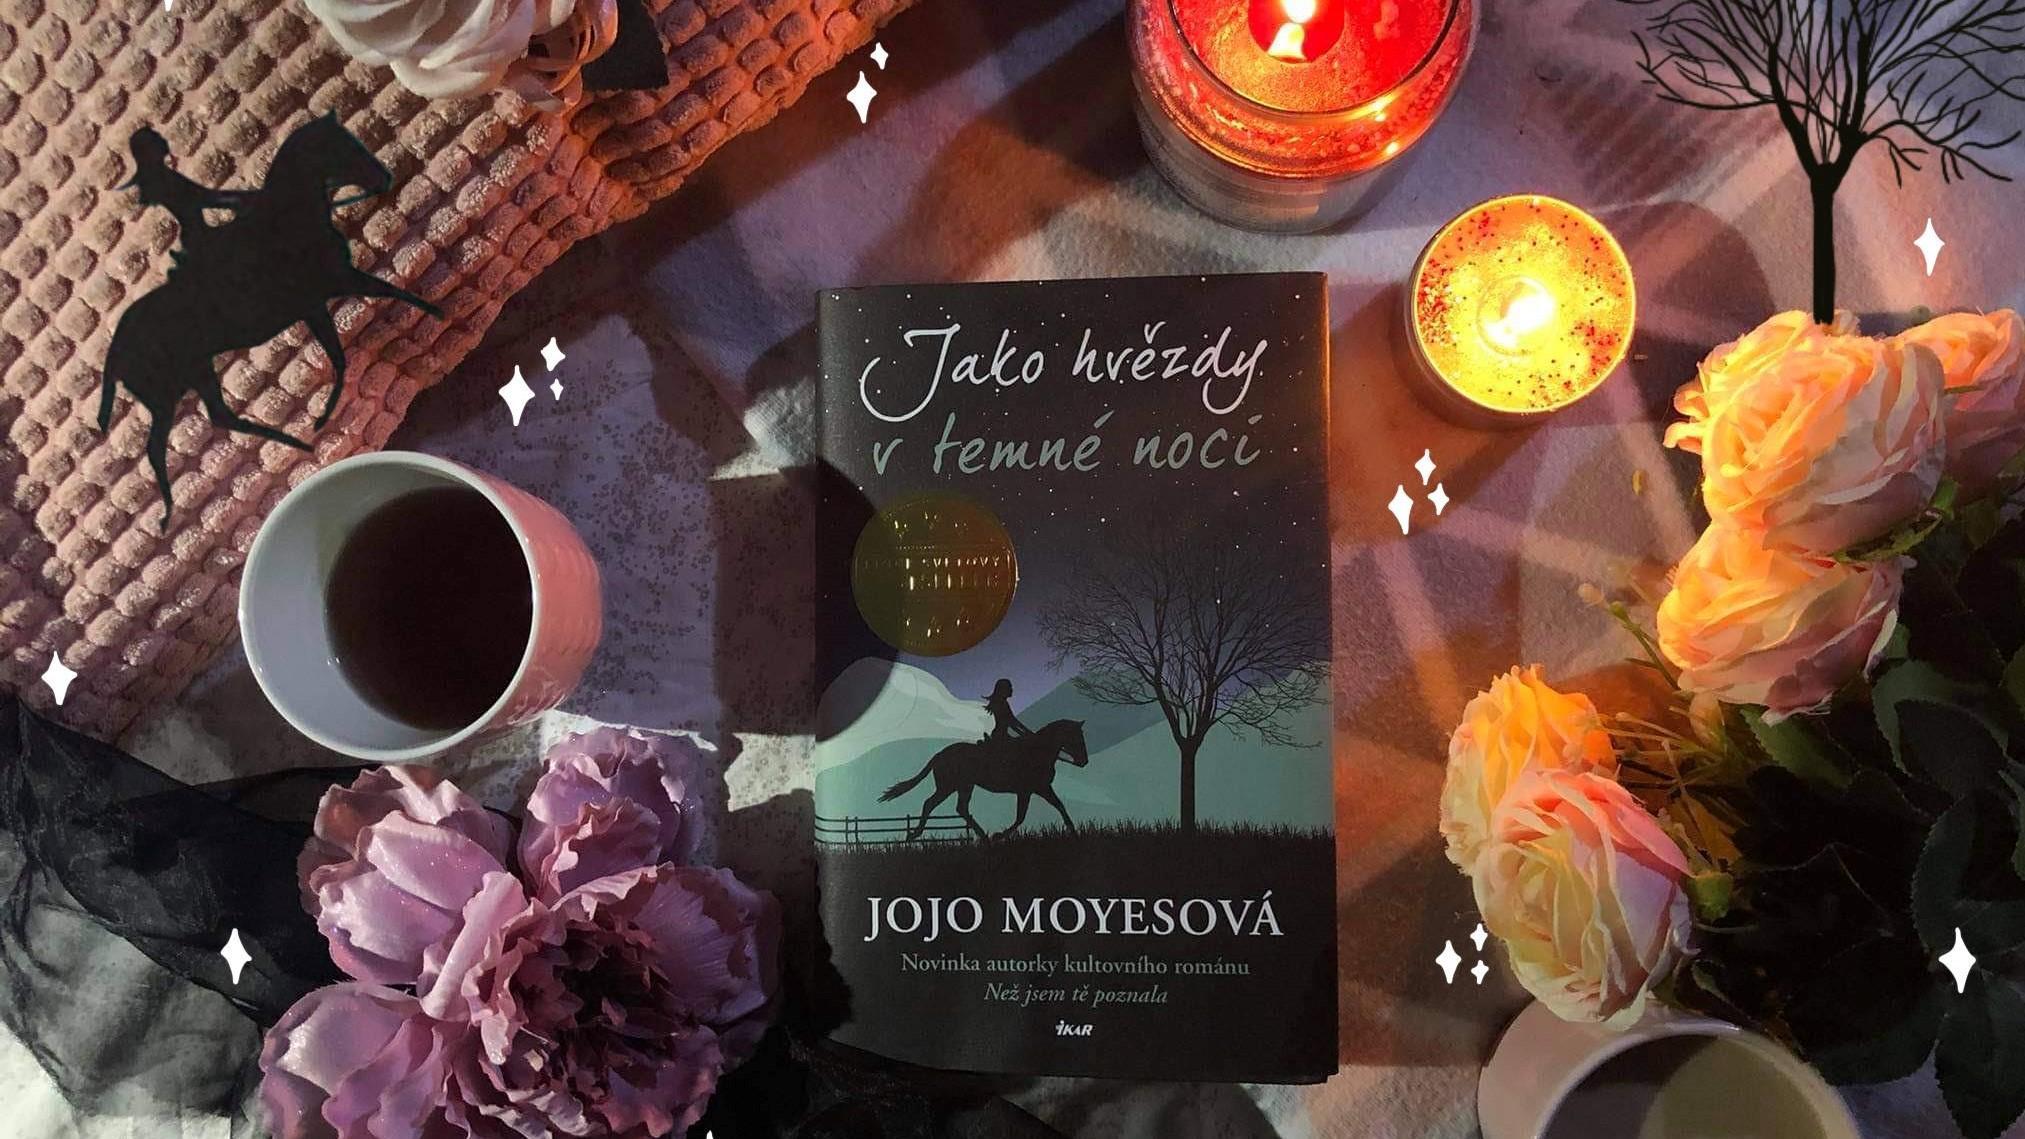 Další skvělý příběh od Jojo Moyesové!